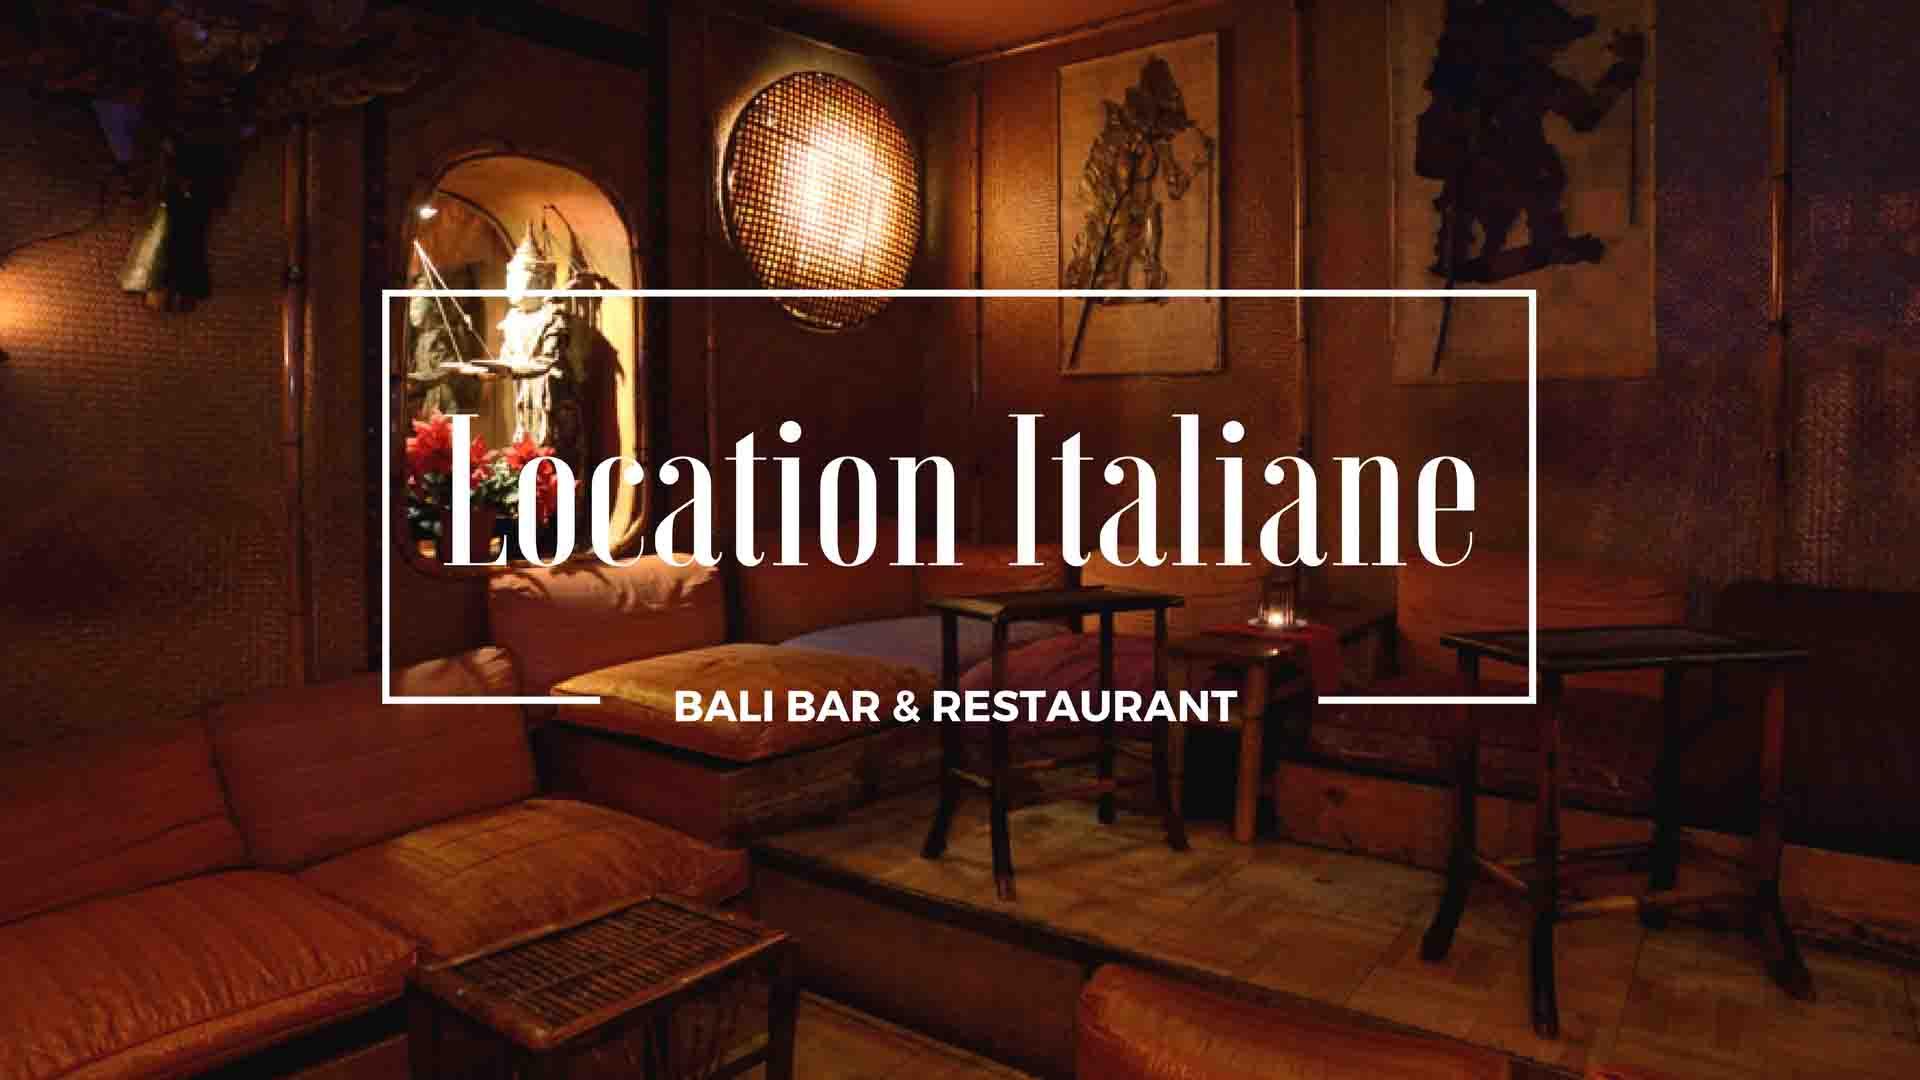 Bali Bar & Restaurant ristorante indonesiano Roma